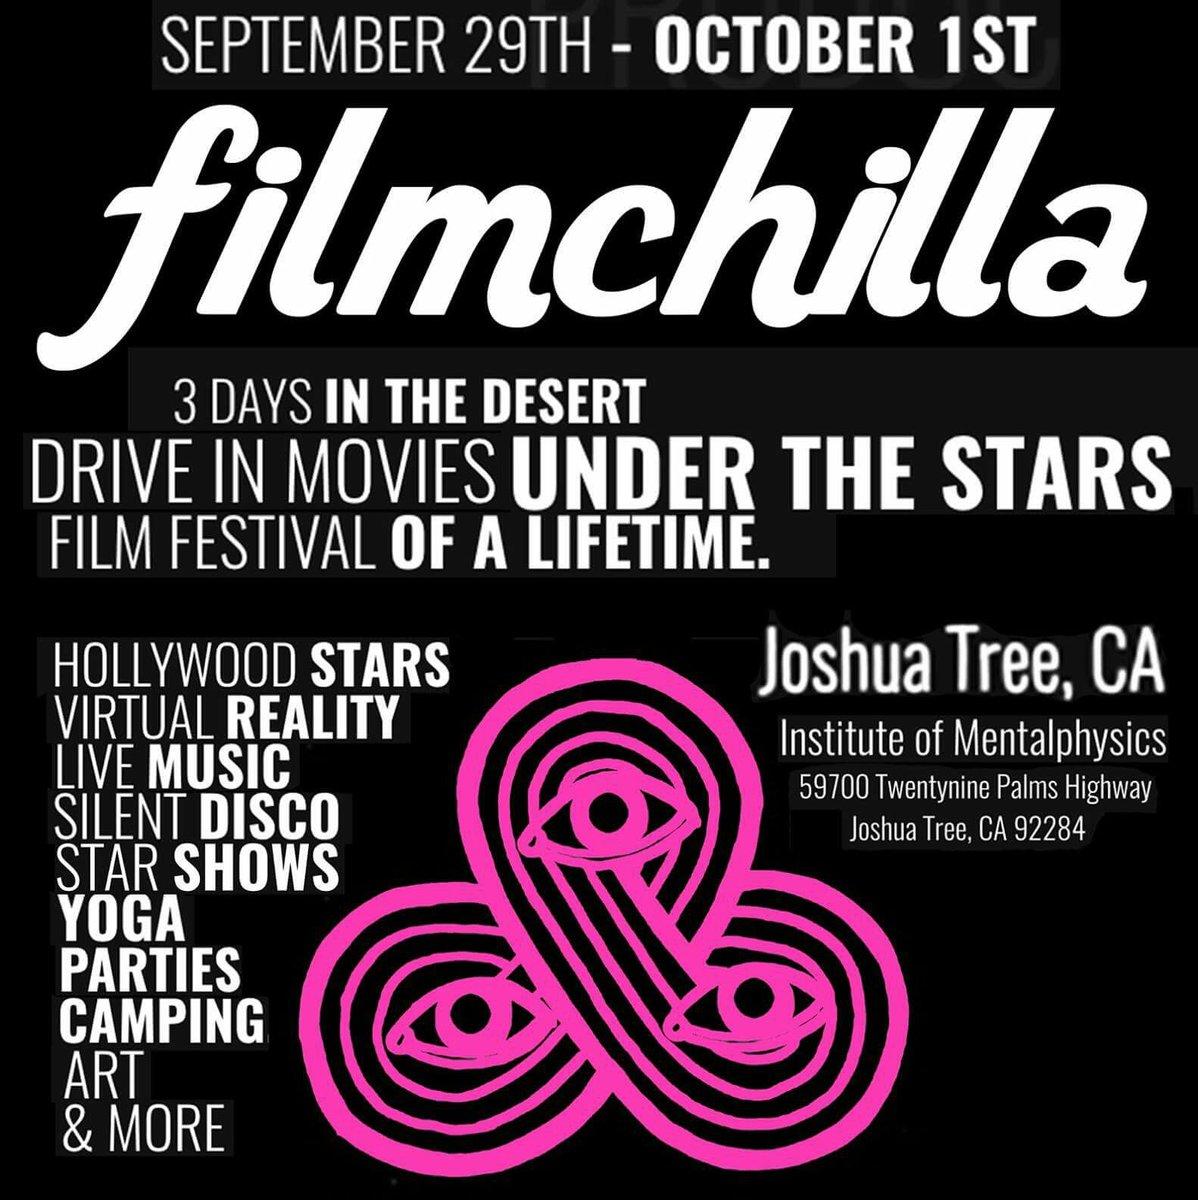 www.filmchilla.com